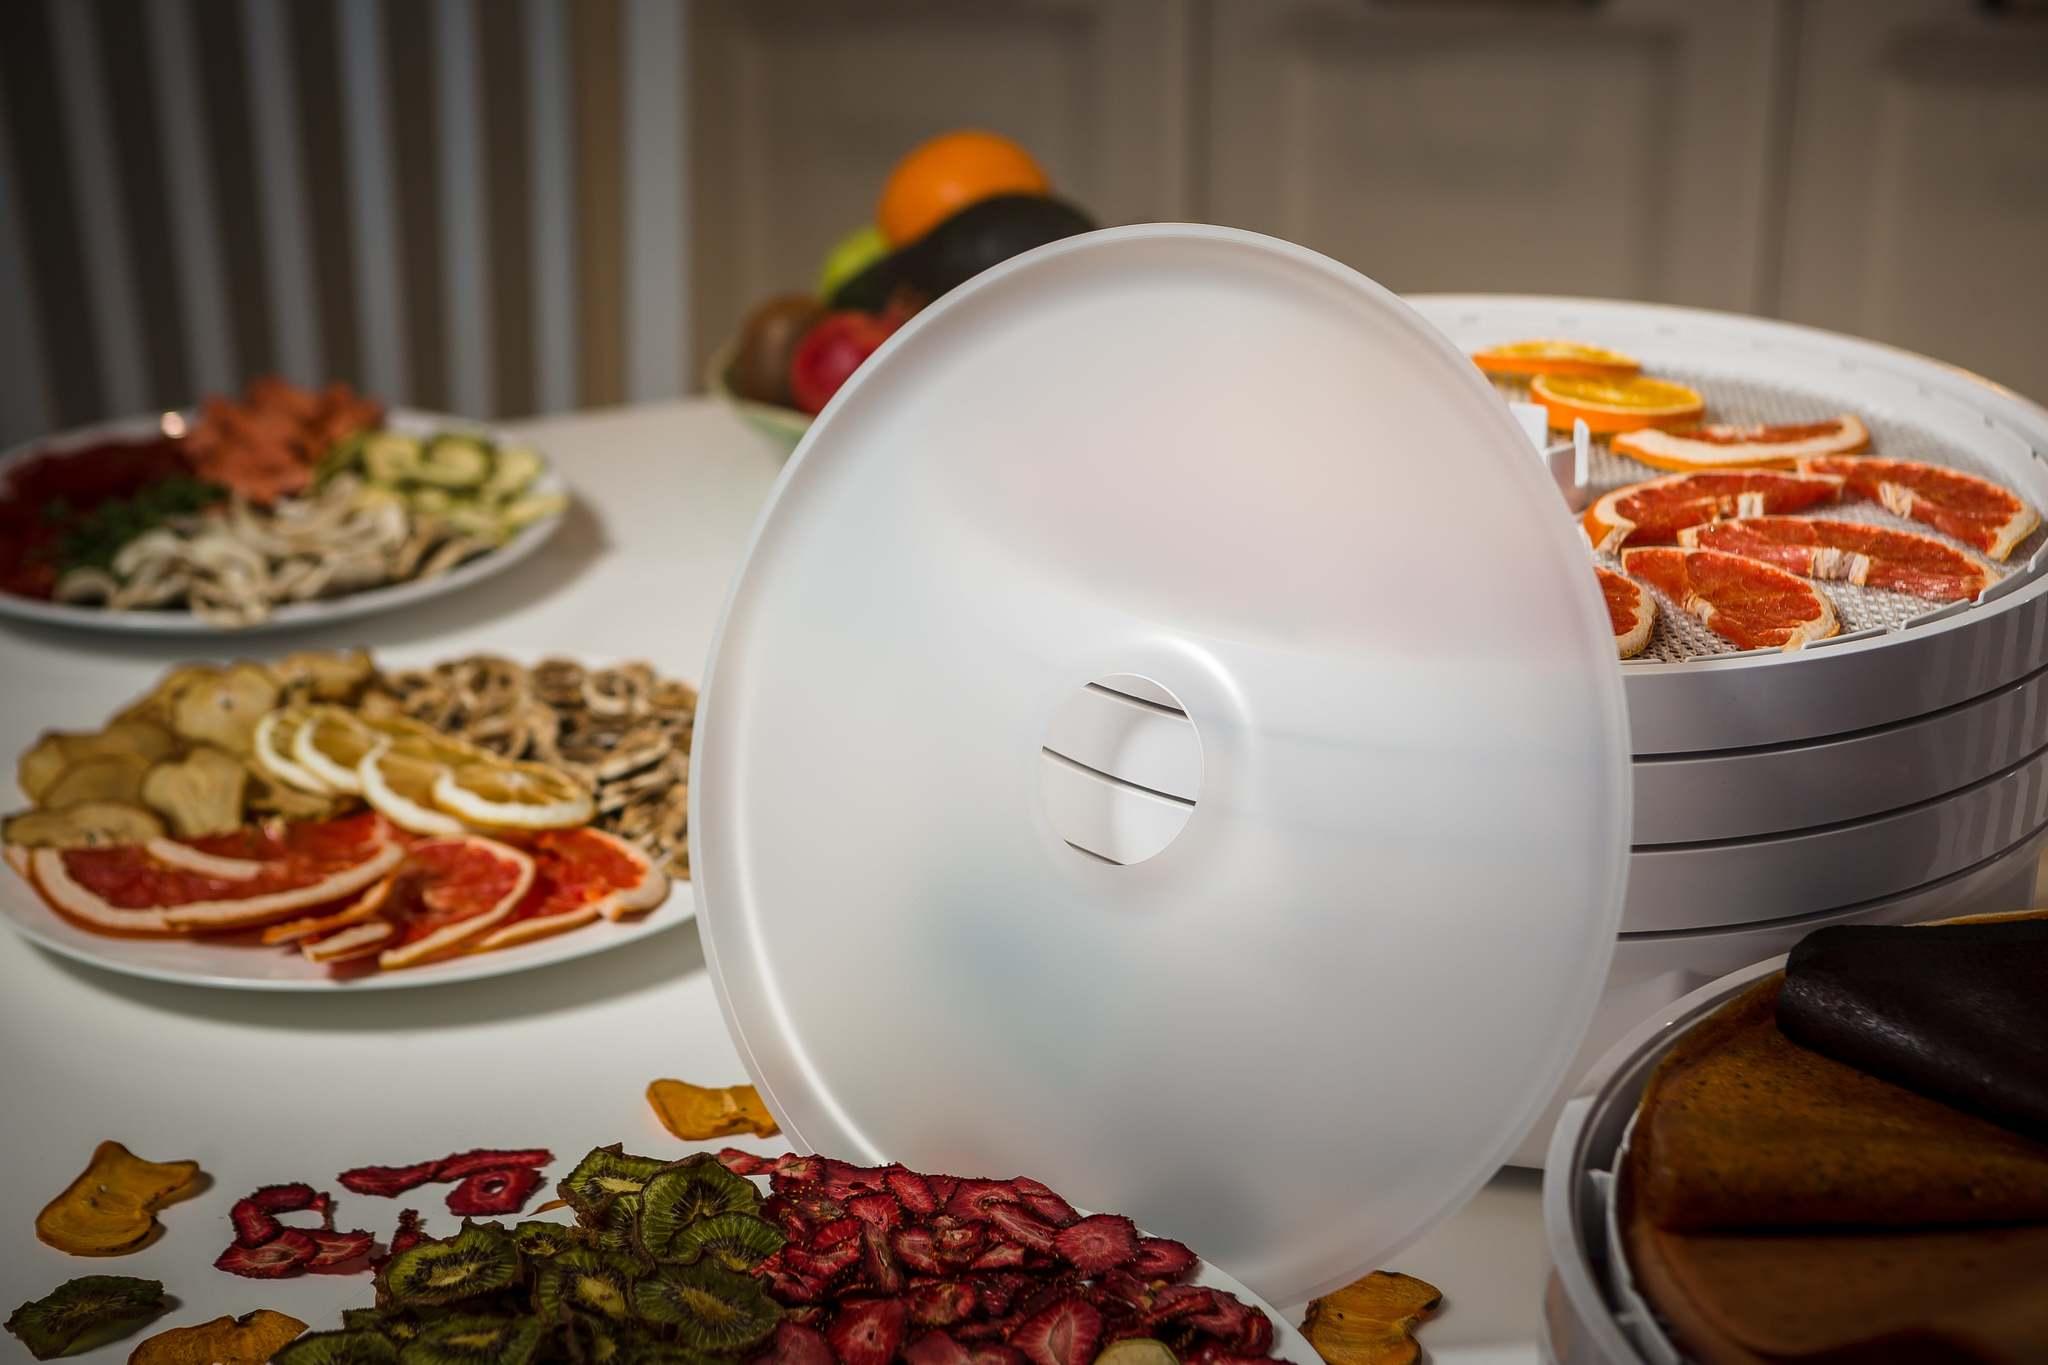 Лист для пастилы к дегидратору Ezidri Ultra FD1000 Digital, подходит для приготовления сыроедческих блюд